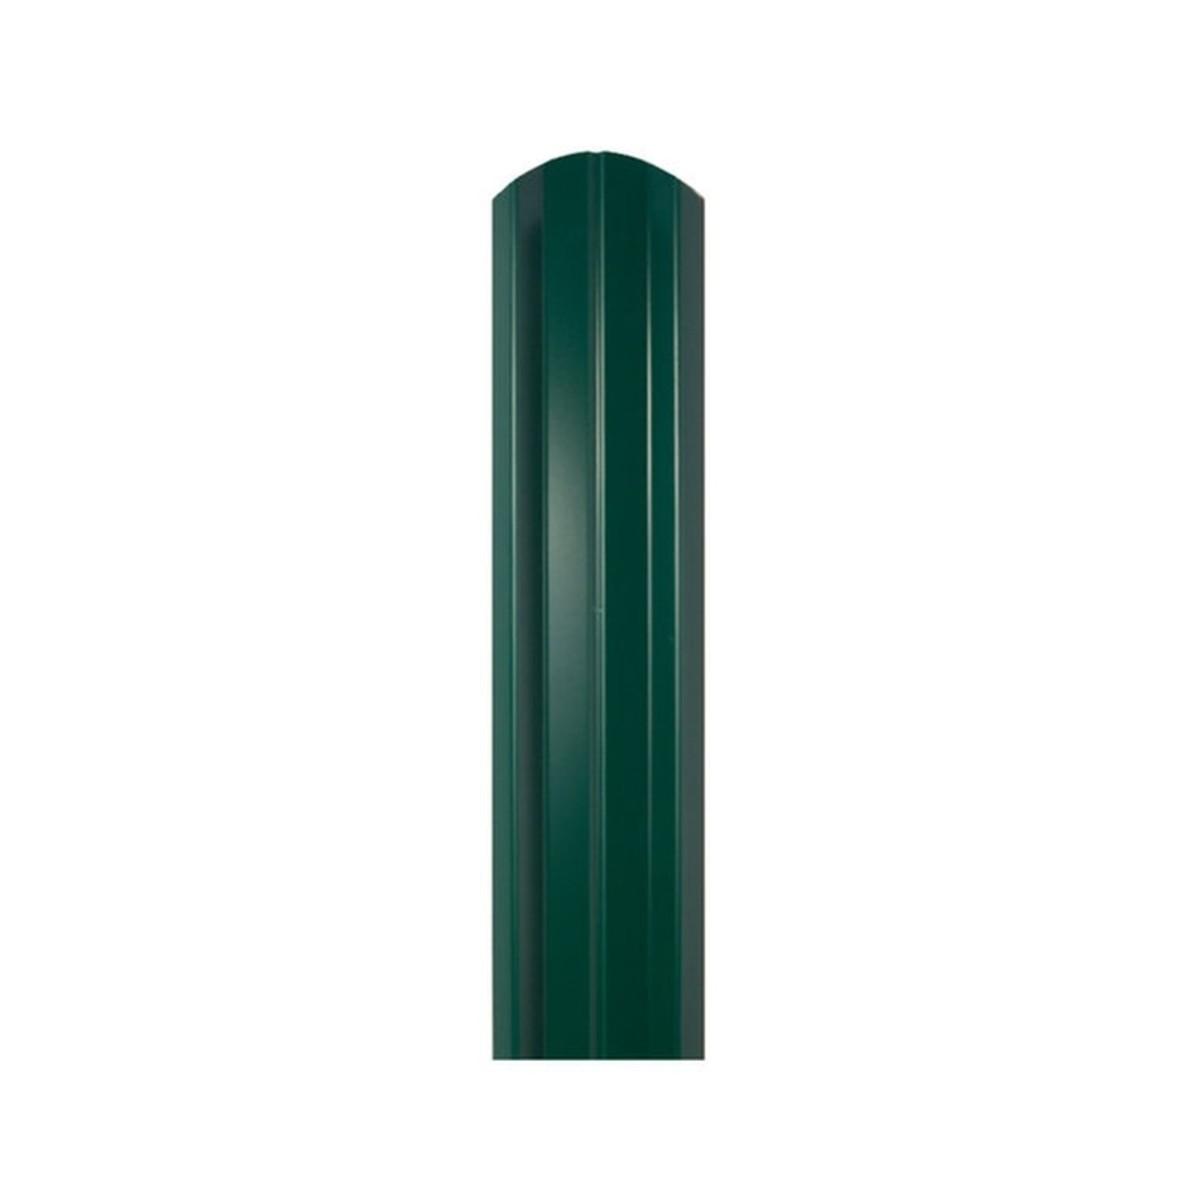 Штакетник односторонний ЭКО-М 76мм 1.5 м 6005 зеленый